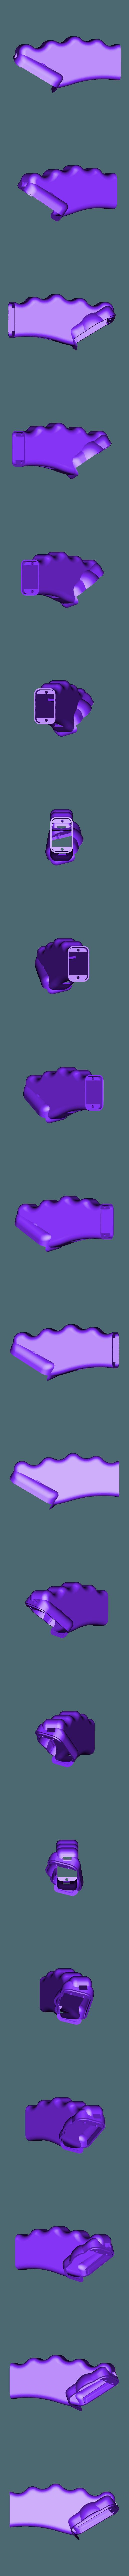 Gripper_V3.stl Télécharger fichier STL gratuit BTRemote 4/5 axes, télécommande à une main avec gyroscope, Bluetooth, écran • Plan à imprimer en 3D, kasinatorhh